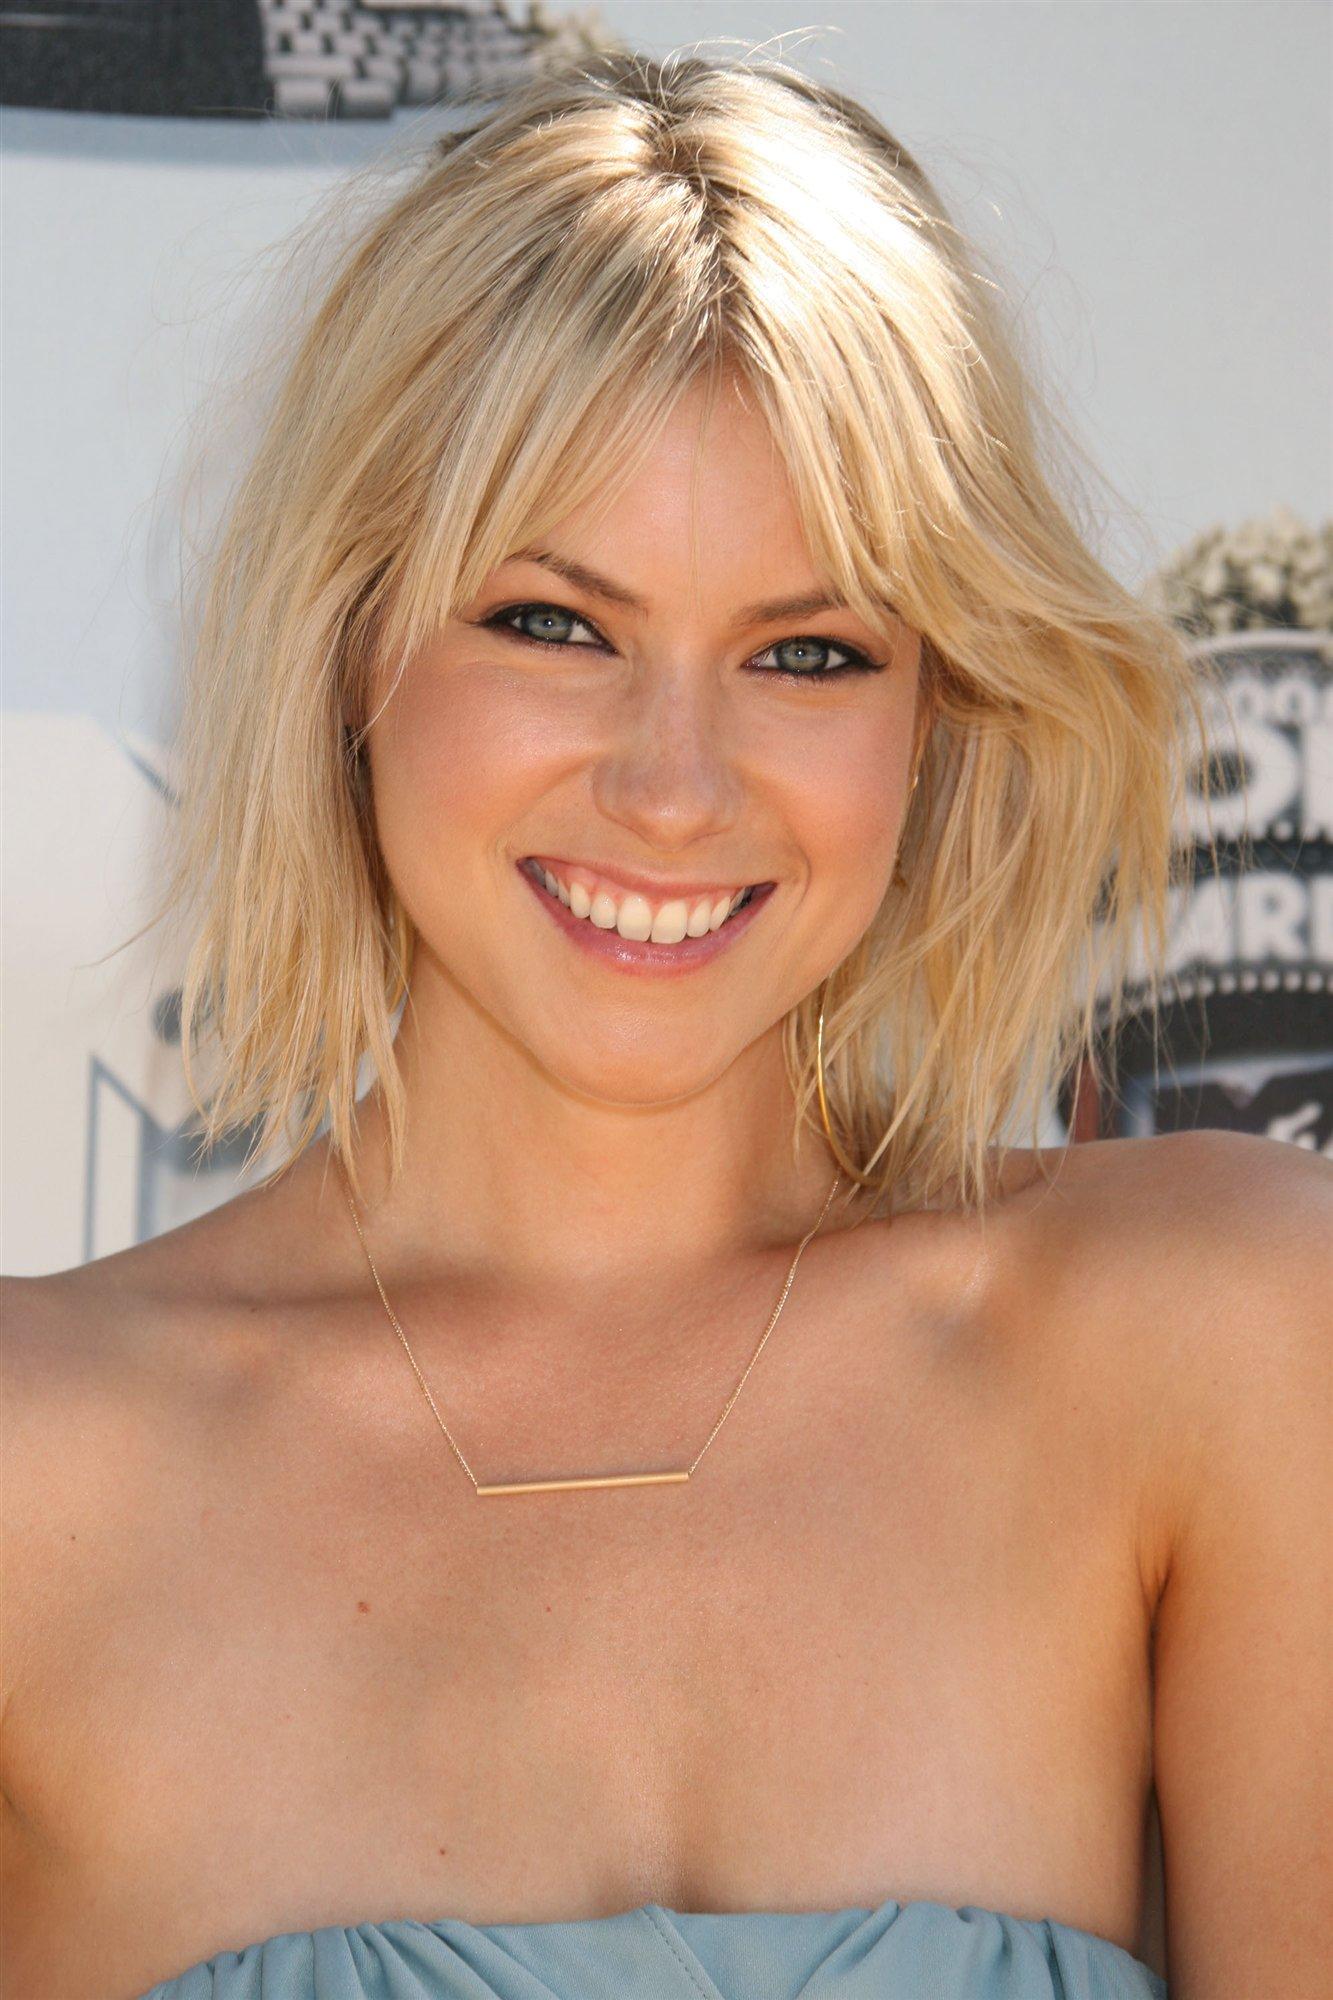 Celebrities nude movie photo 878